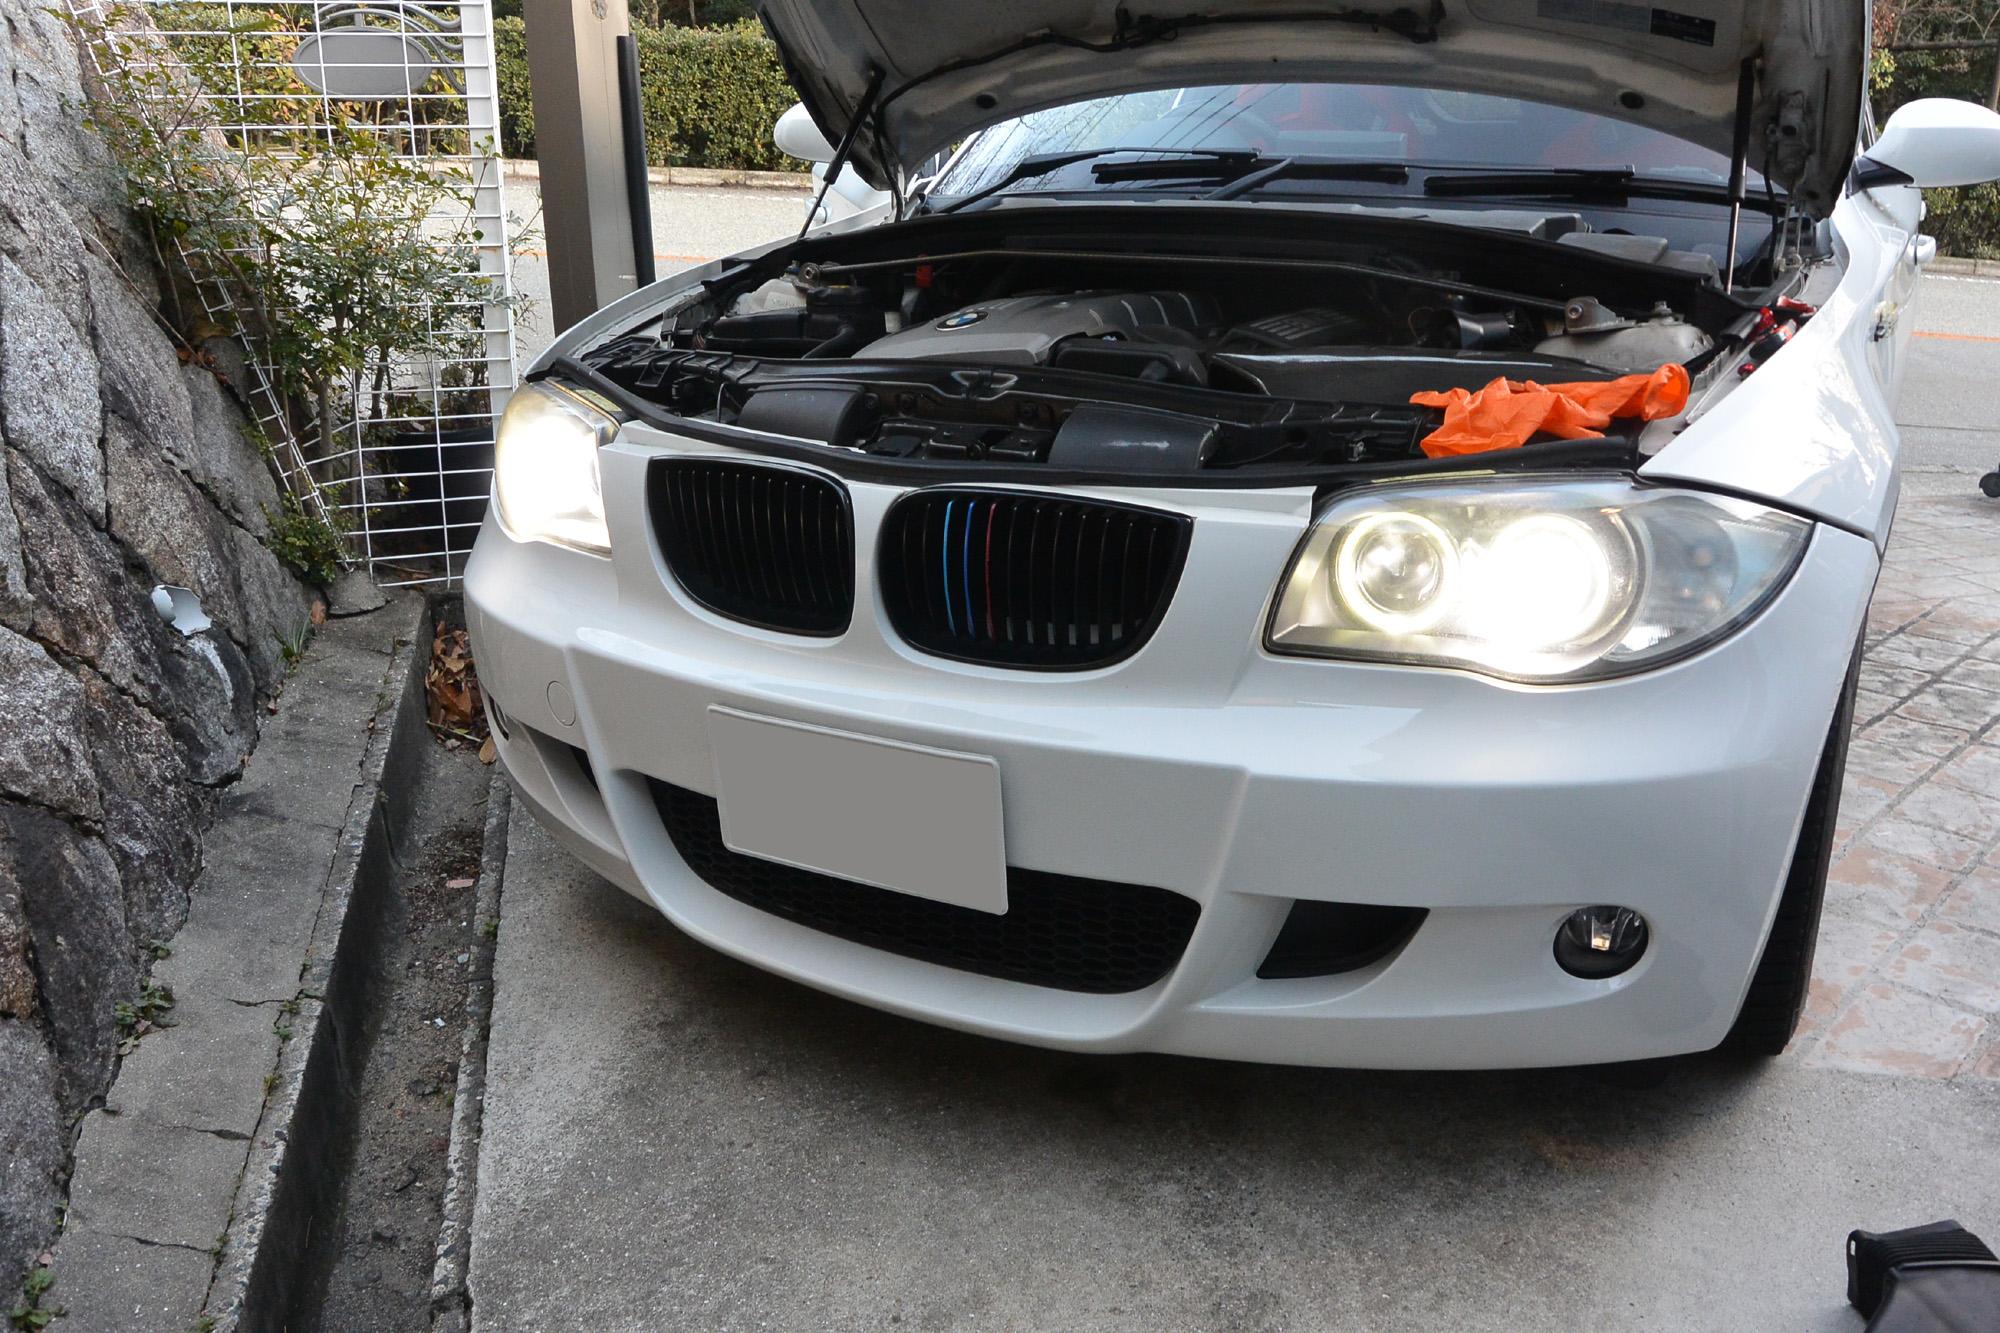 BMW 130i E87 車検準備 LEDからHIDに戻す。 レカロ装備エアバックのエラーを見直す。 C110+で消す